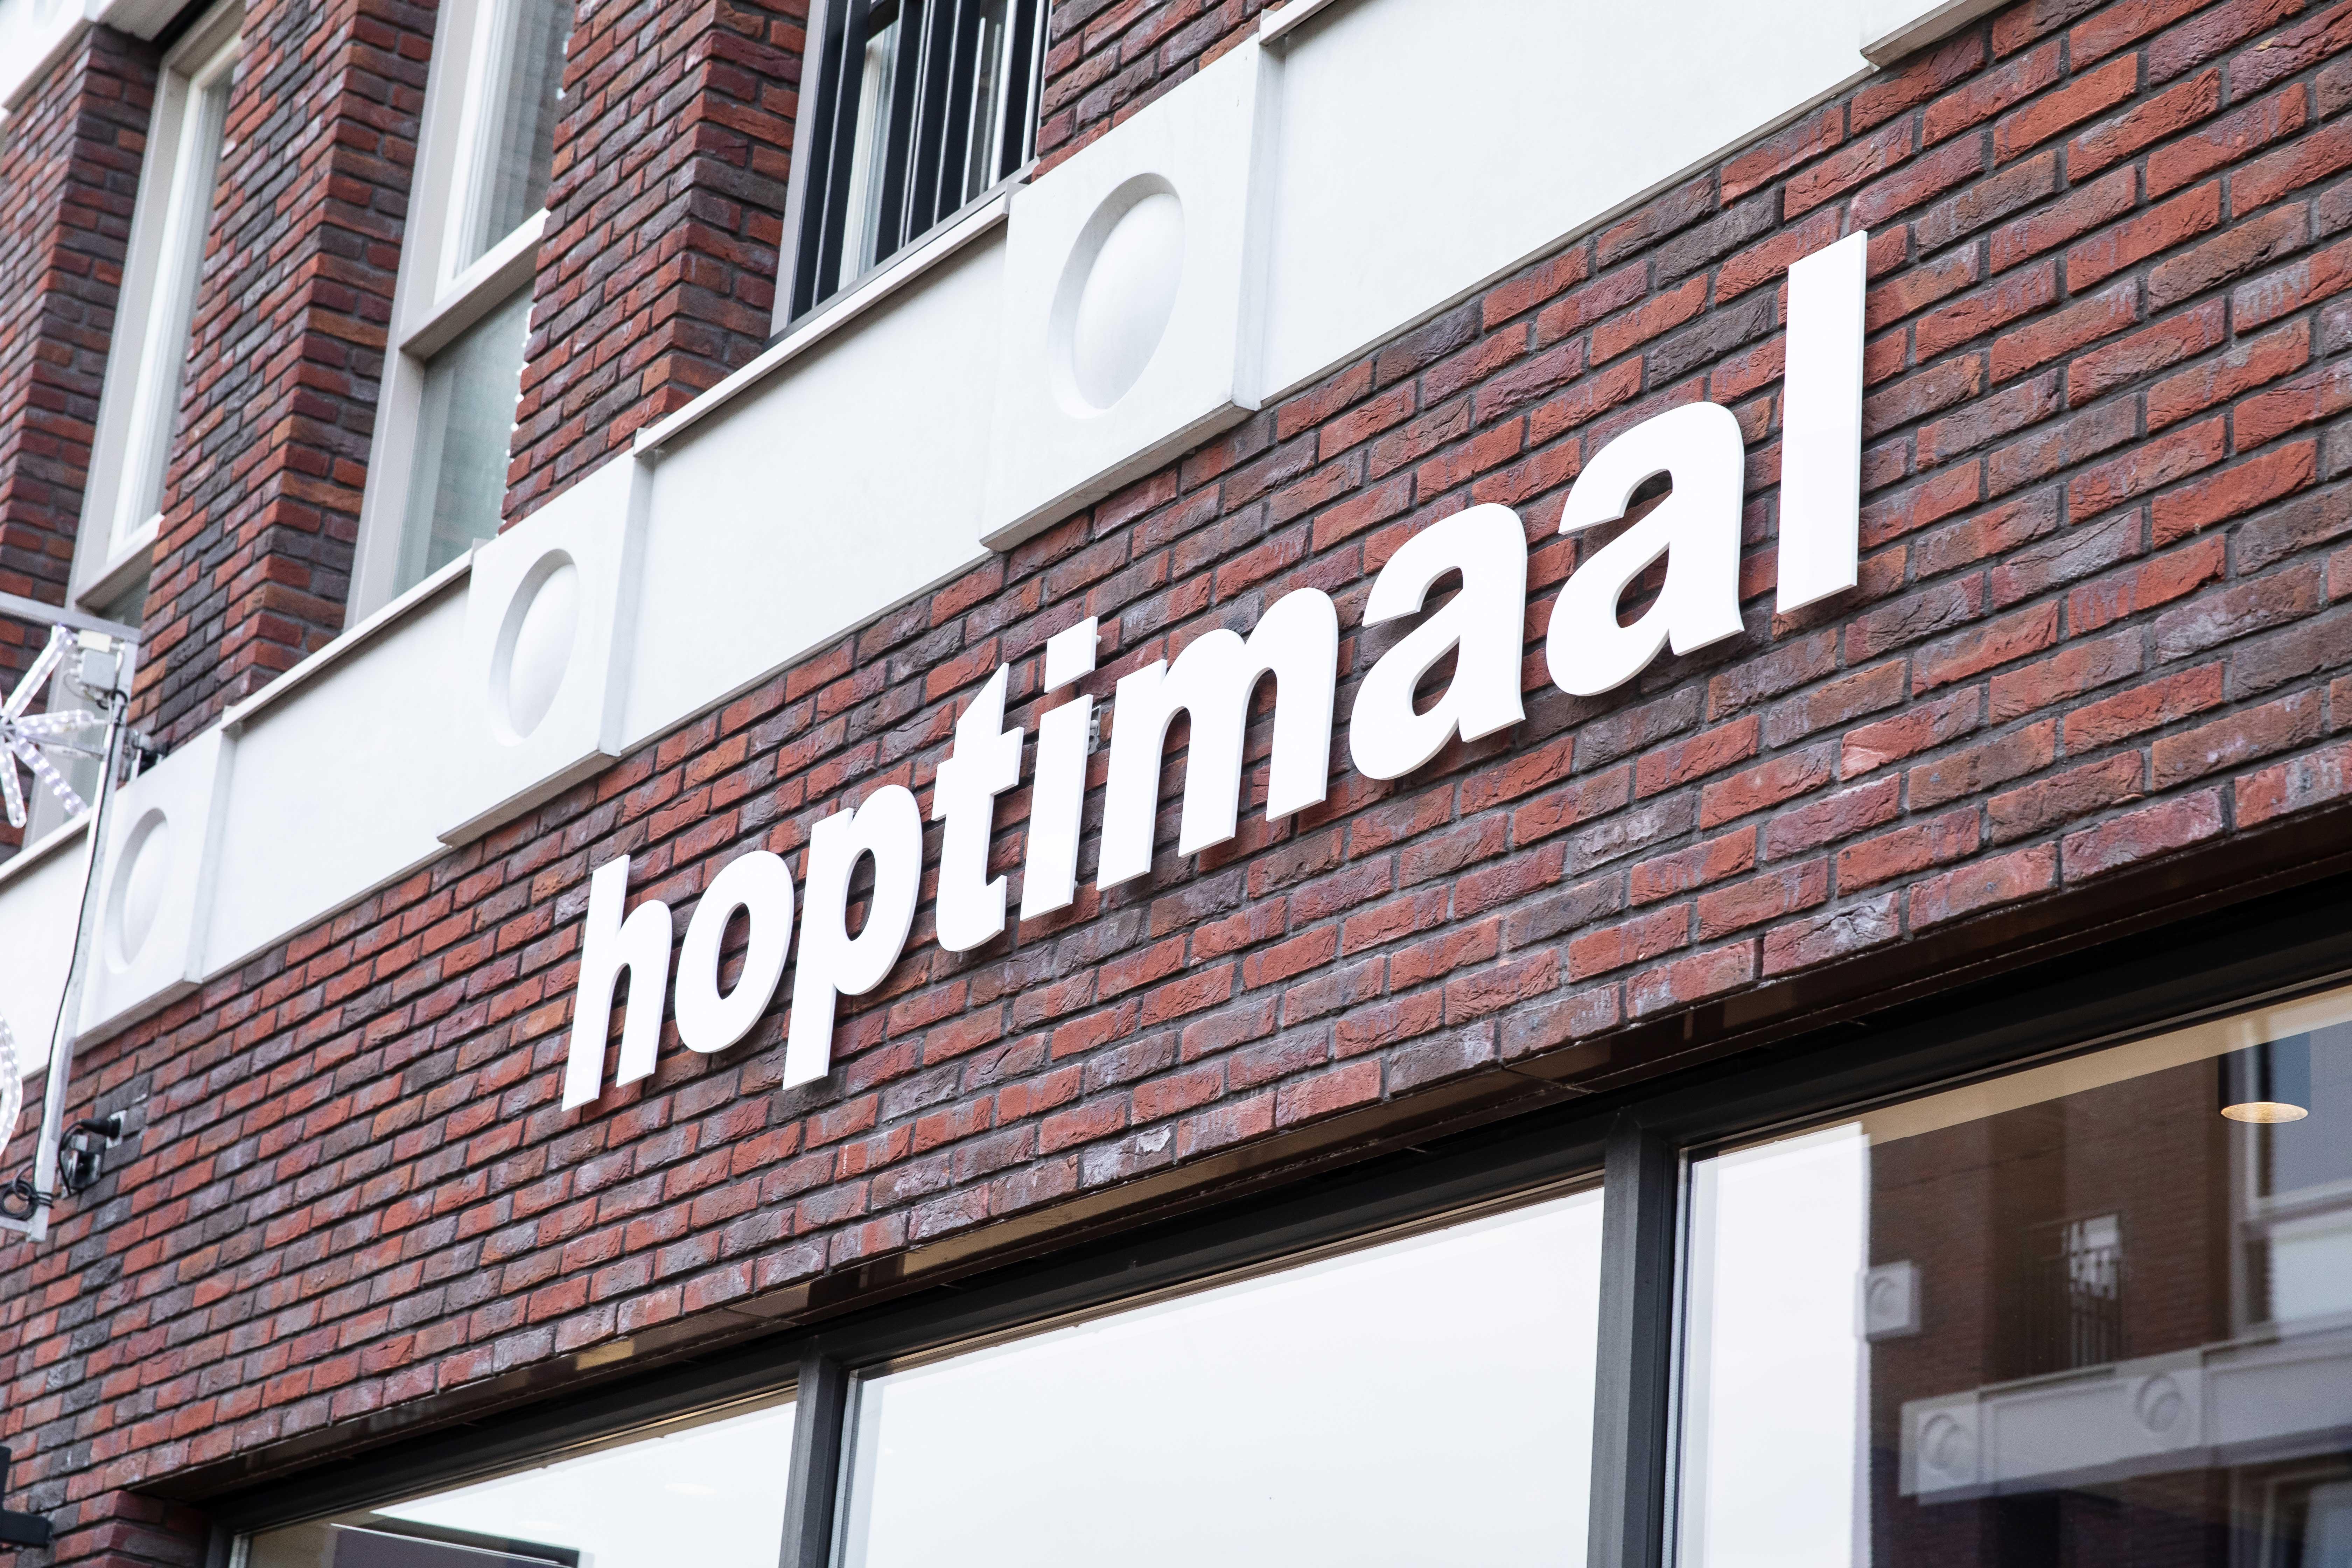 freesletters-hoptimaal-vathorst